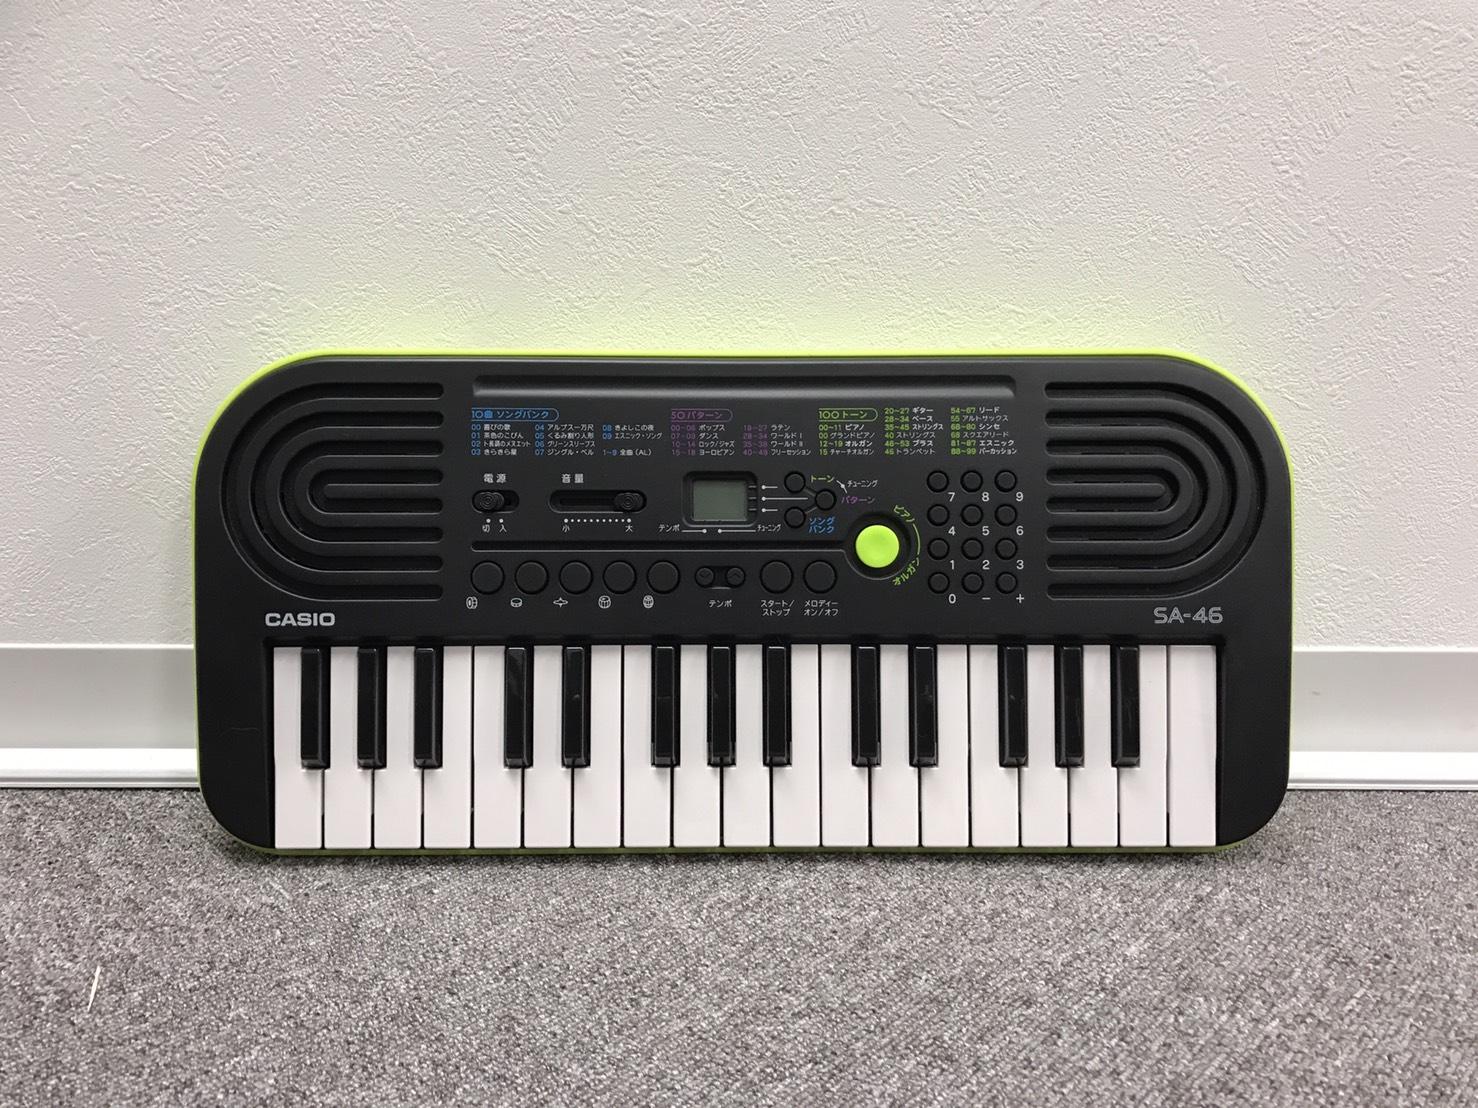 №72 カシオ電子楽器 SA-46